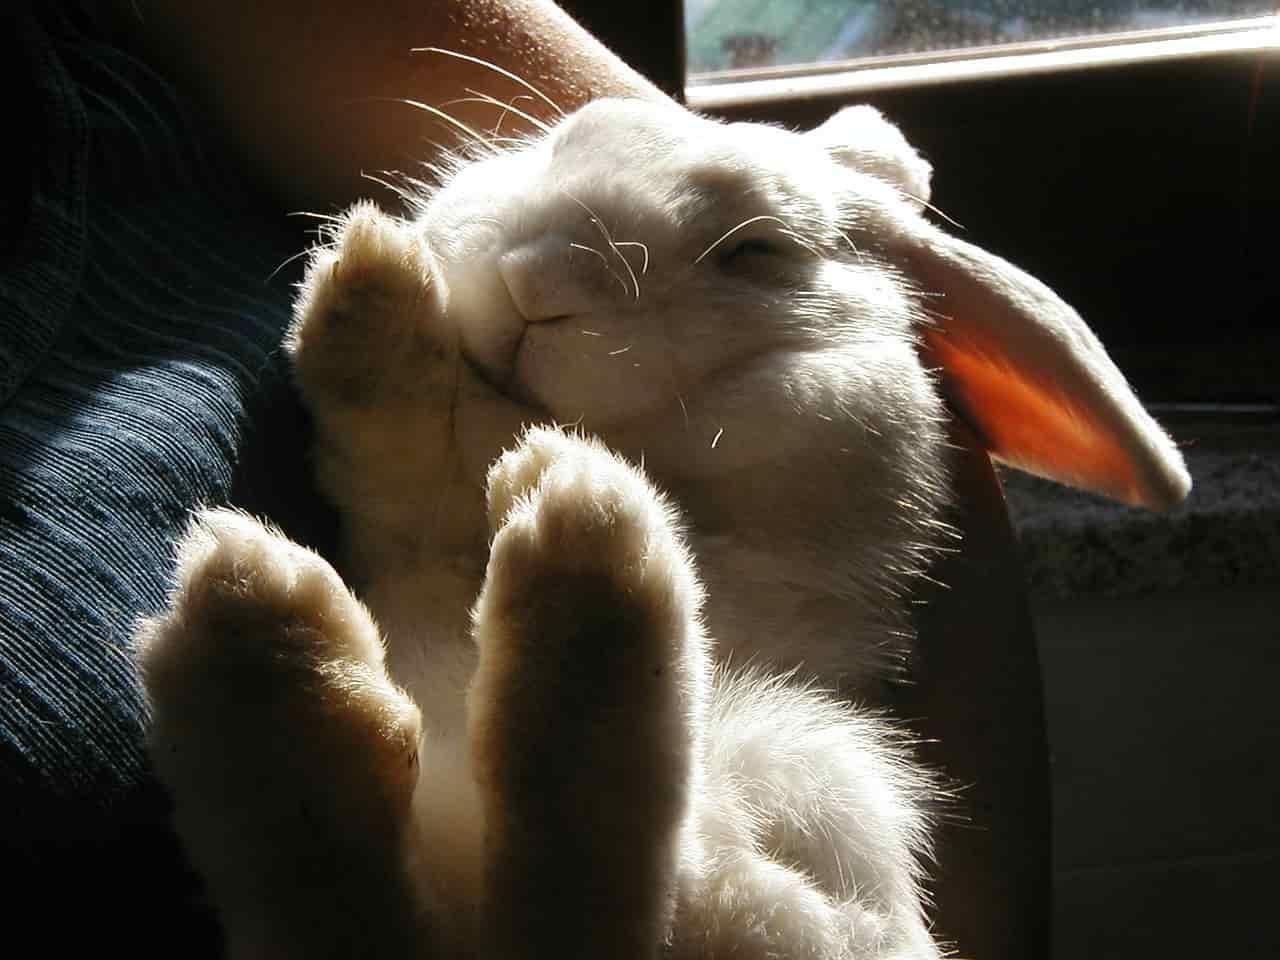 capire se il coniglio vuole bene